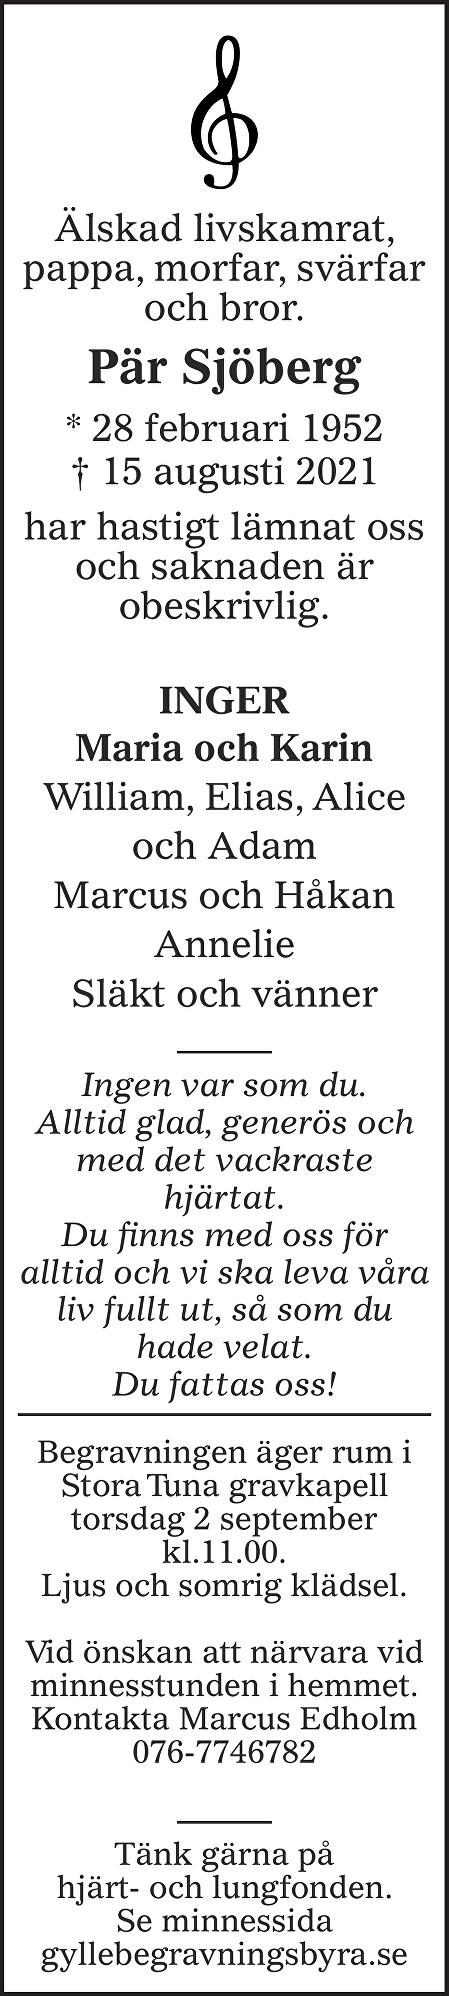 Pär Sjöberg Death notice